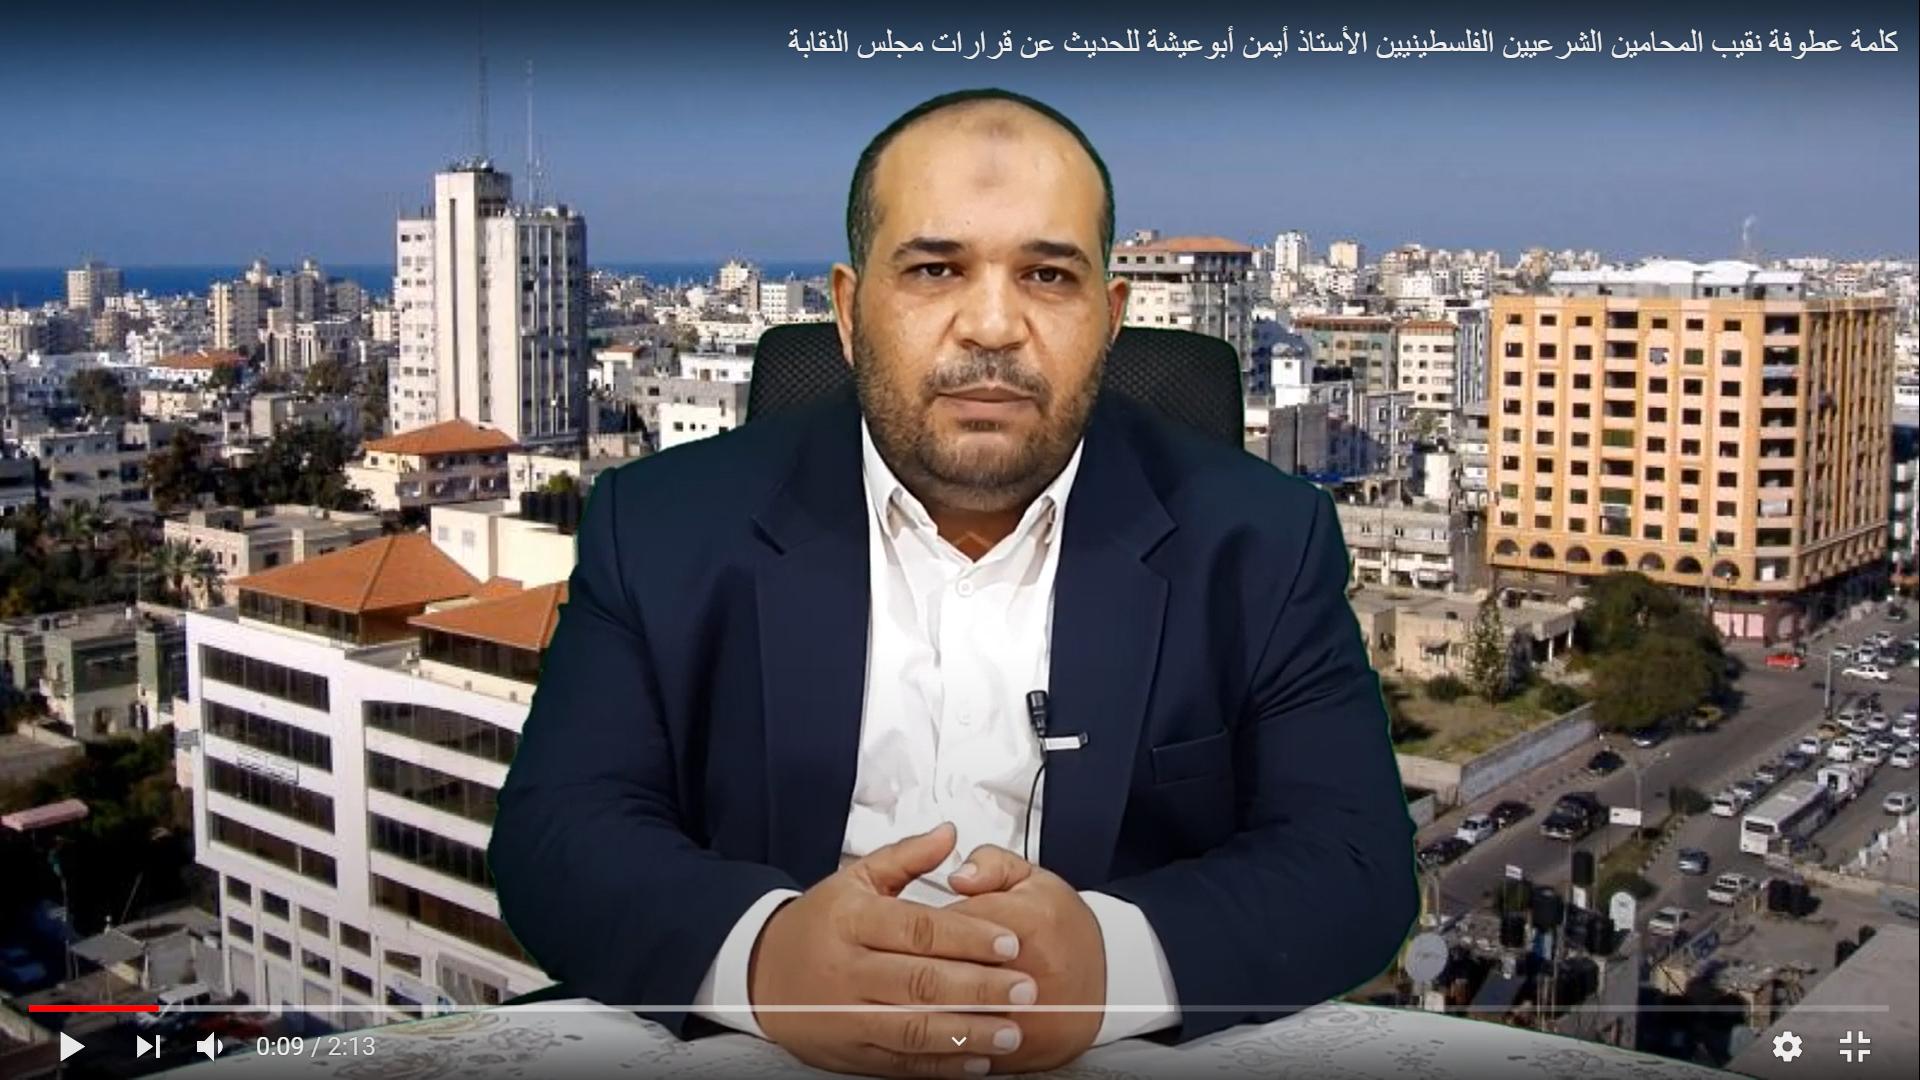 كلمة عطوفة نقيب المحامين الشرعيين الفلسطينيين الأستاذ أيمن أبوعيشة للحديث عن قرارات مجلس النقابة